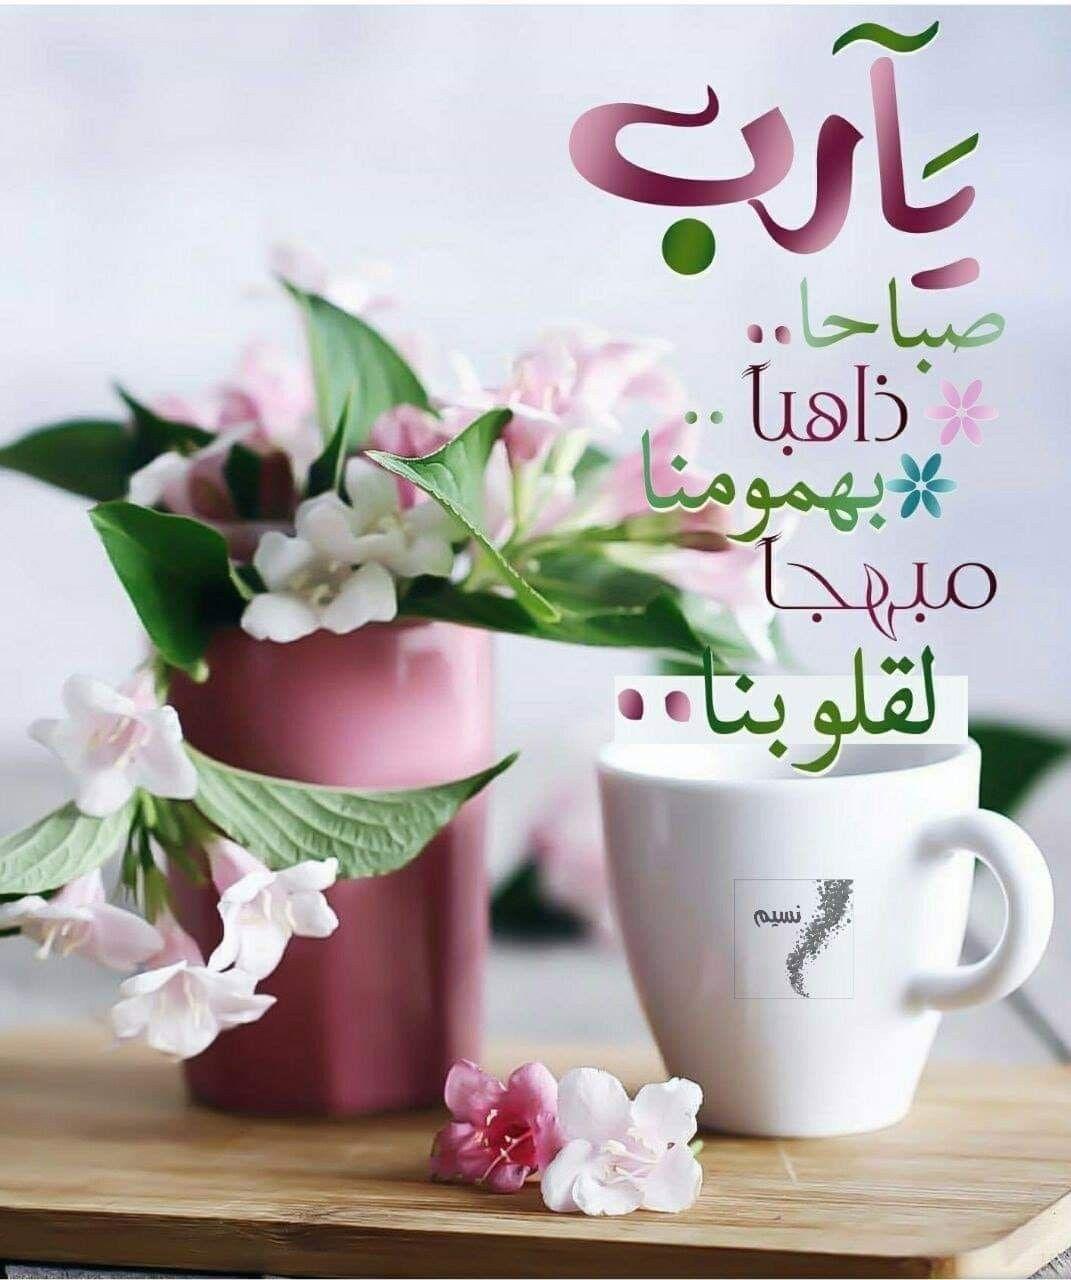 اللهم اجعل هذا الصباح Beautiful Morning Messages Good Morning Arabic Good Morning Greetings